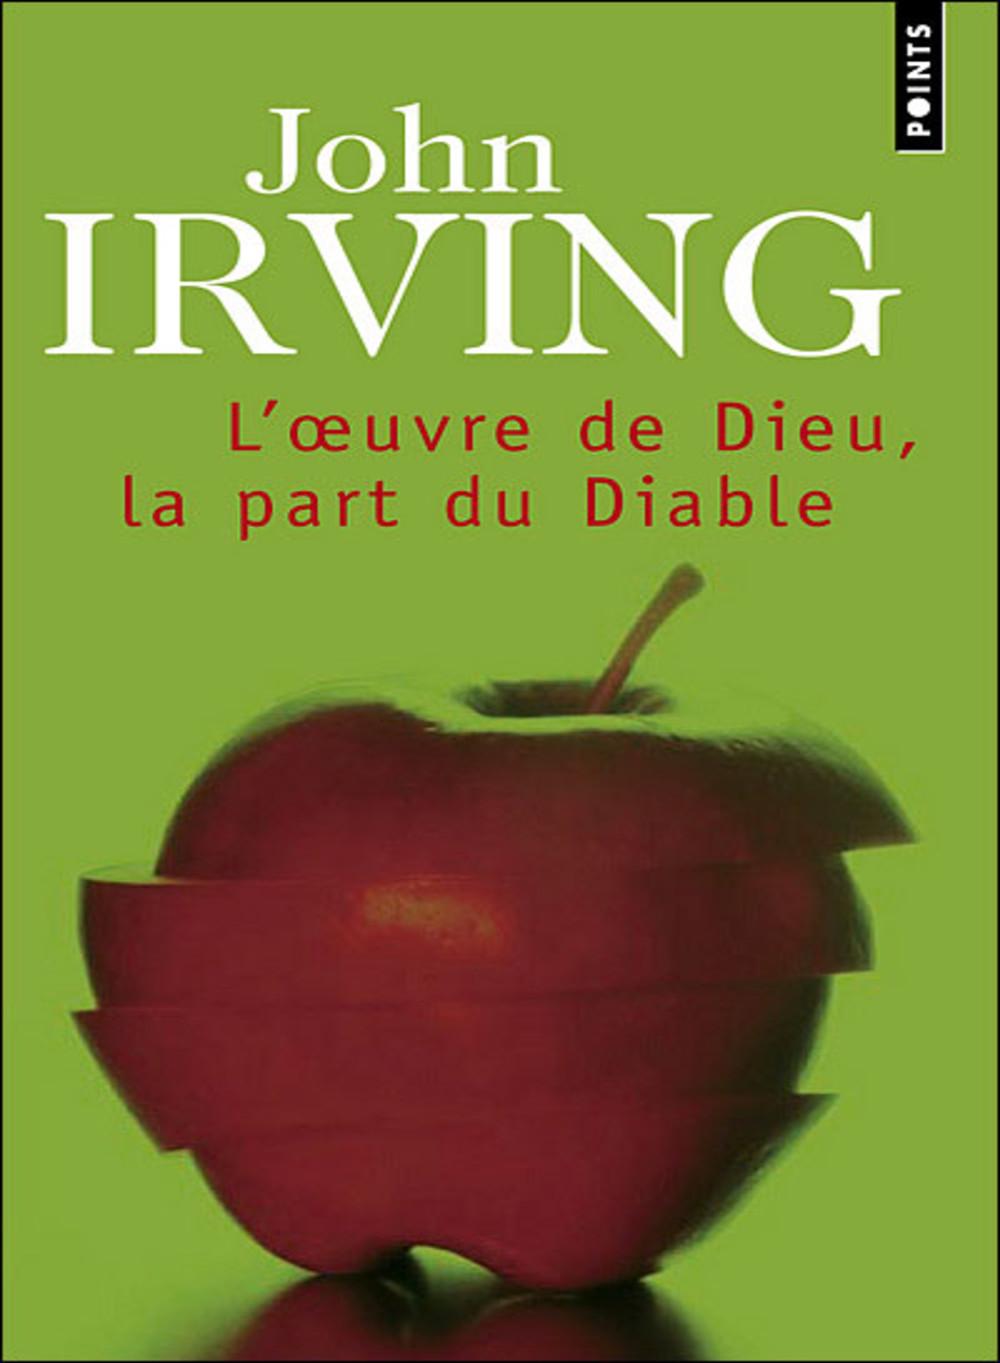 L_OEuvre_de_Dieu_la_part_du_diable